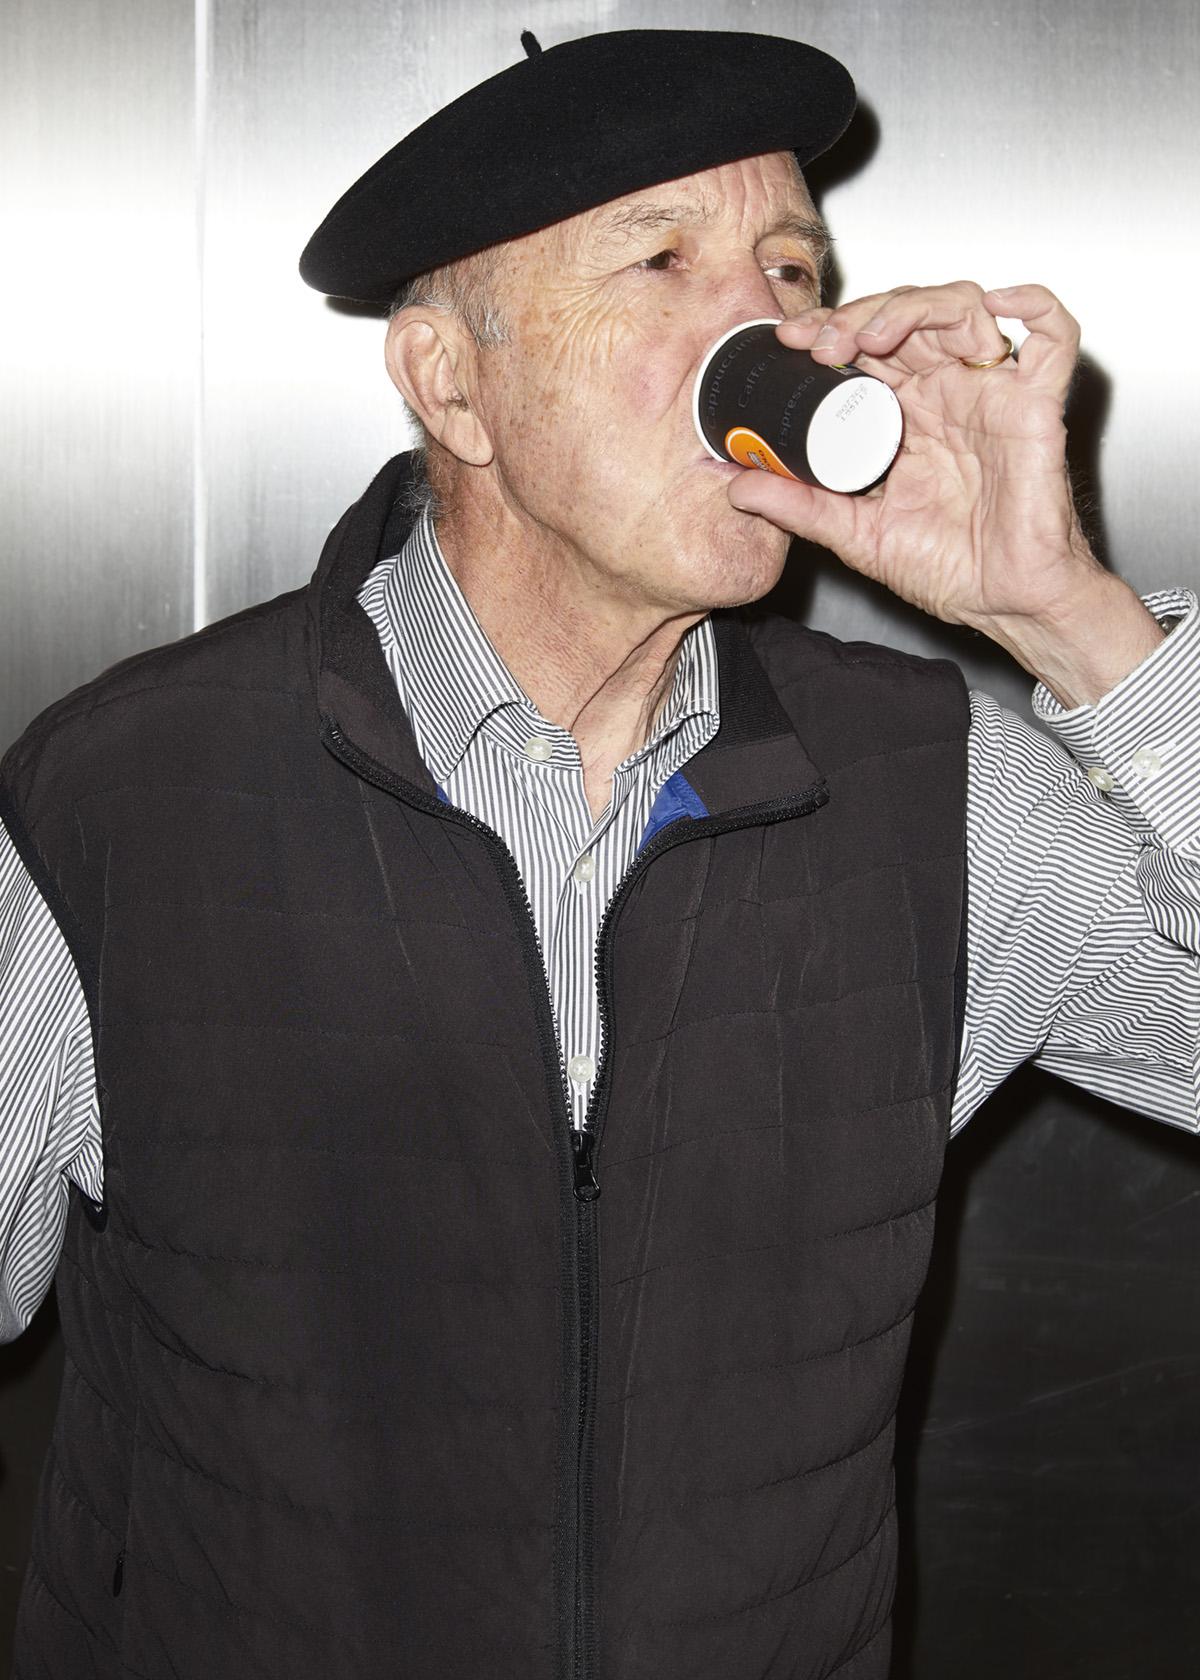 Noe Flum Valora Annual Report Senior Perret Gilet Espresso Becher